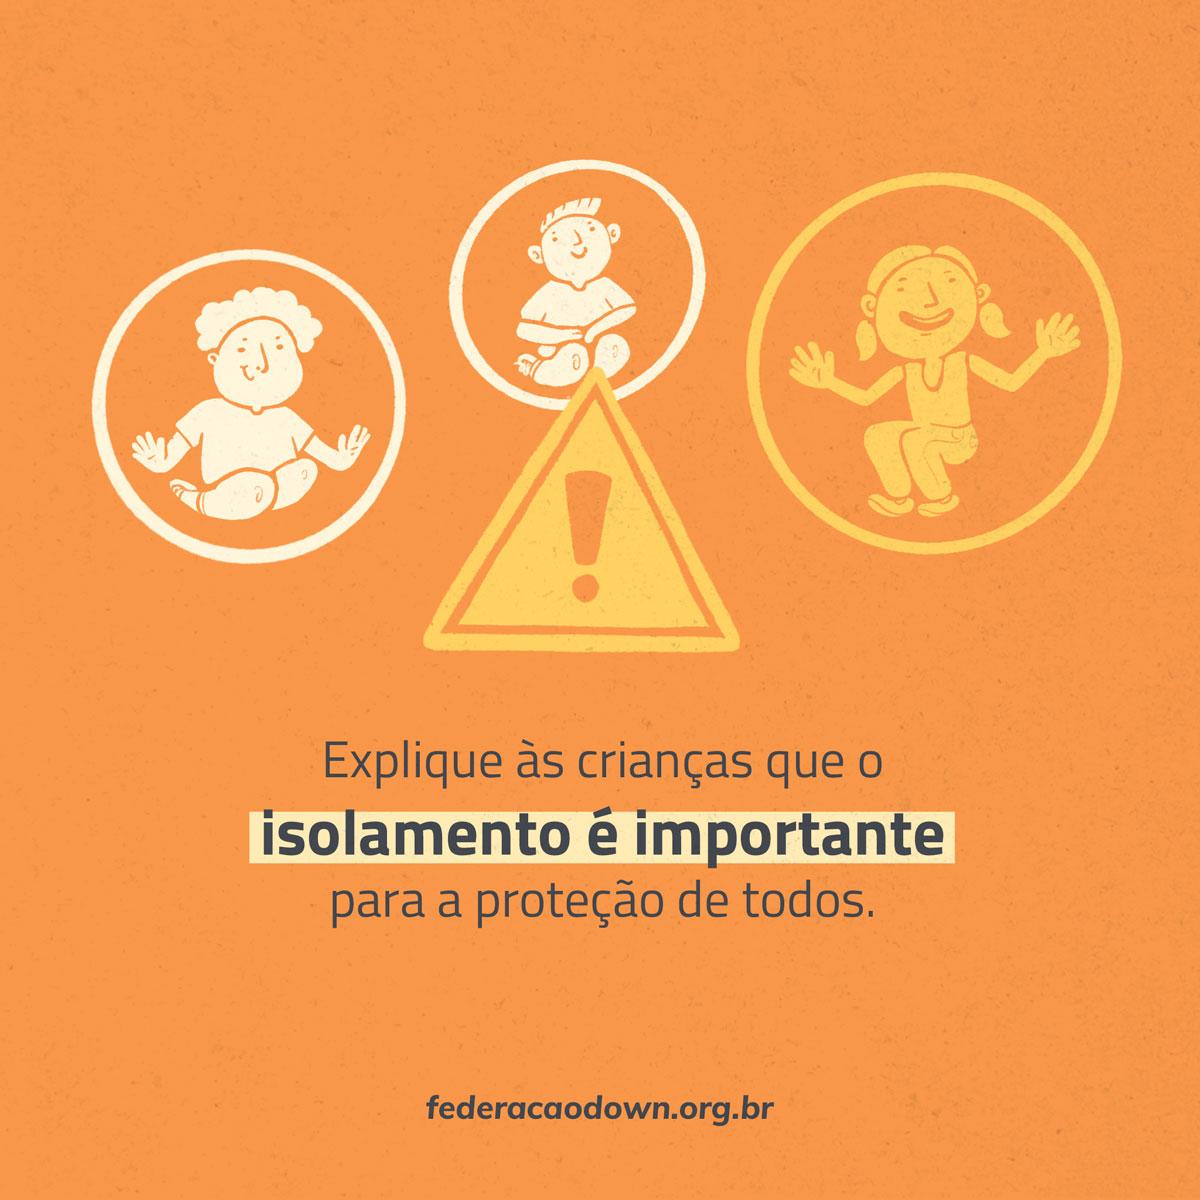 """Imagem: Sobre fundo laranja, na metade superior estão três ilustrações de crianças agachadas sorrindo (duas em branco e uma em amarelo), cada uma delas está envolta por um círculo e no meio dos três há um ponto de exclamação (amarelo). Abaixo está escrita a frase: """"Explique às crianças que o isolamento é importante para a proteção de todos"""". Na parte inferior aparece o site federacaodown.org.br."""